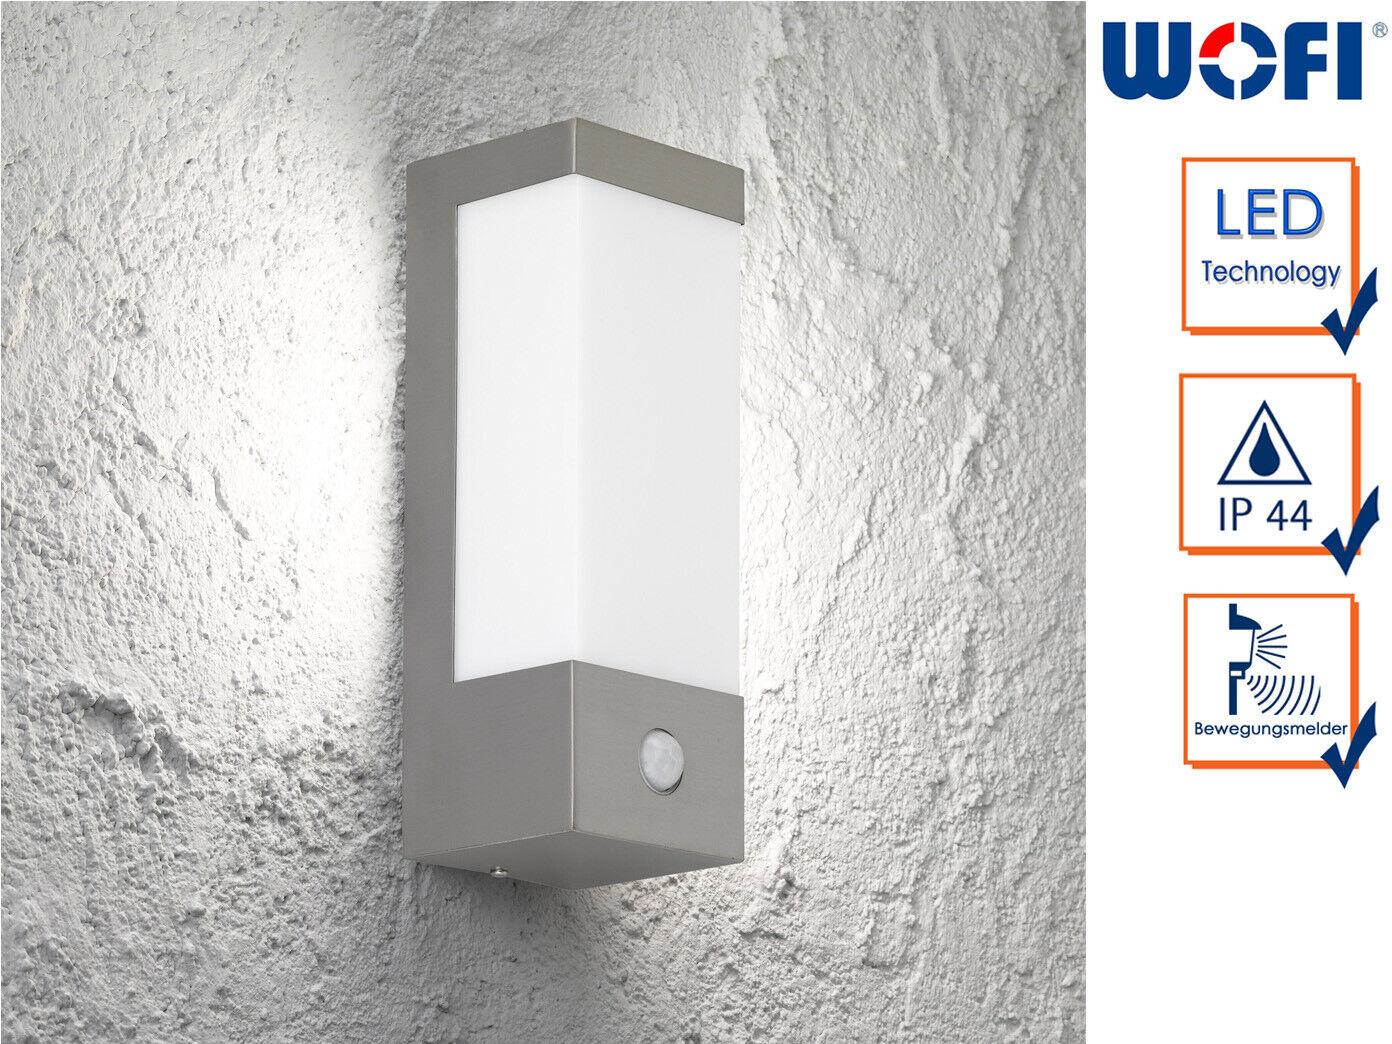 acquista online oggi In Acciaio Inox LED Lampada muro esterno esterno esterno con rilevatore di movimento 7 Watt illuminazione Facciata  risparmia il 60% di sconto